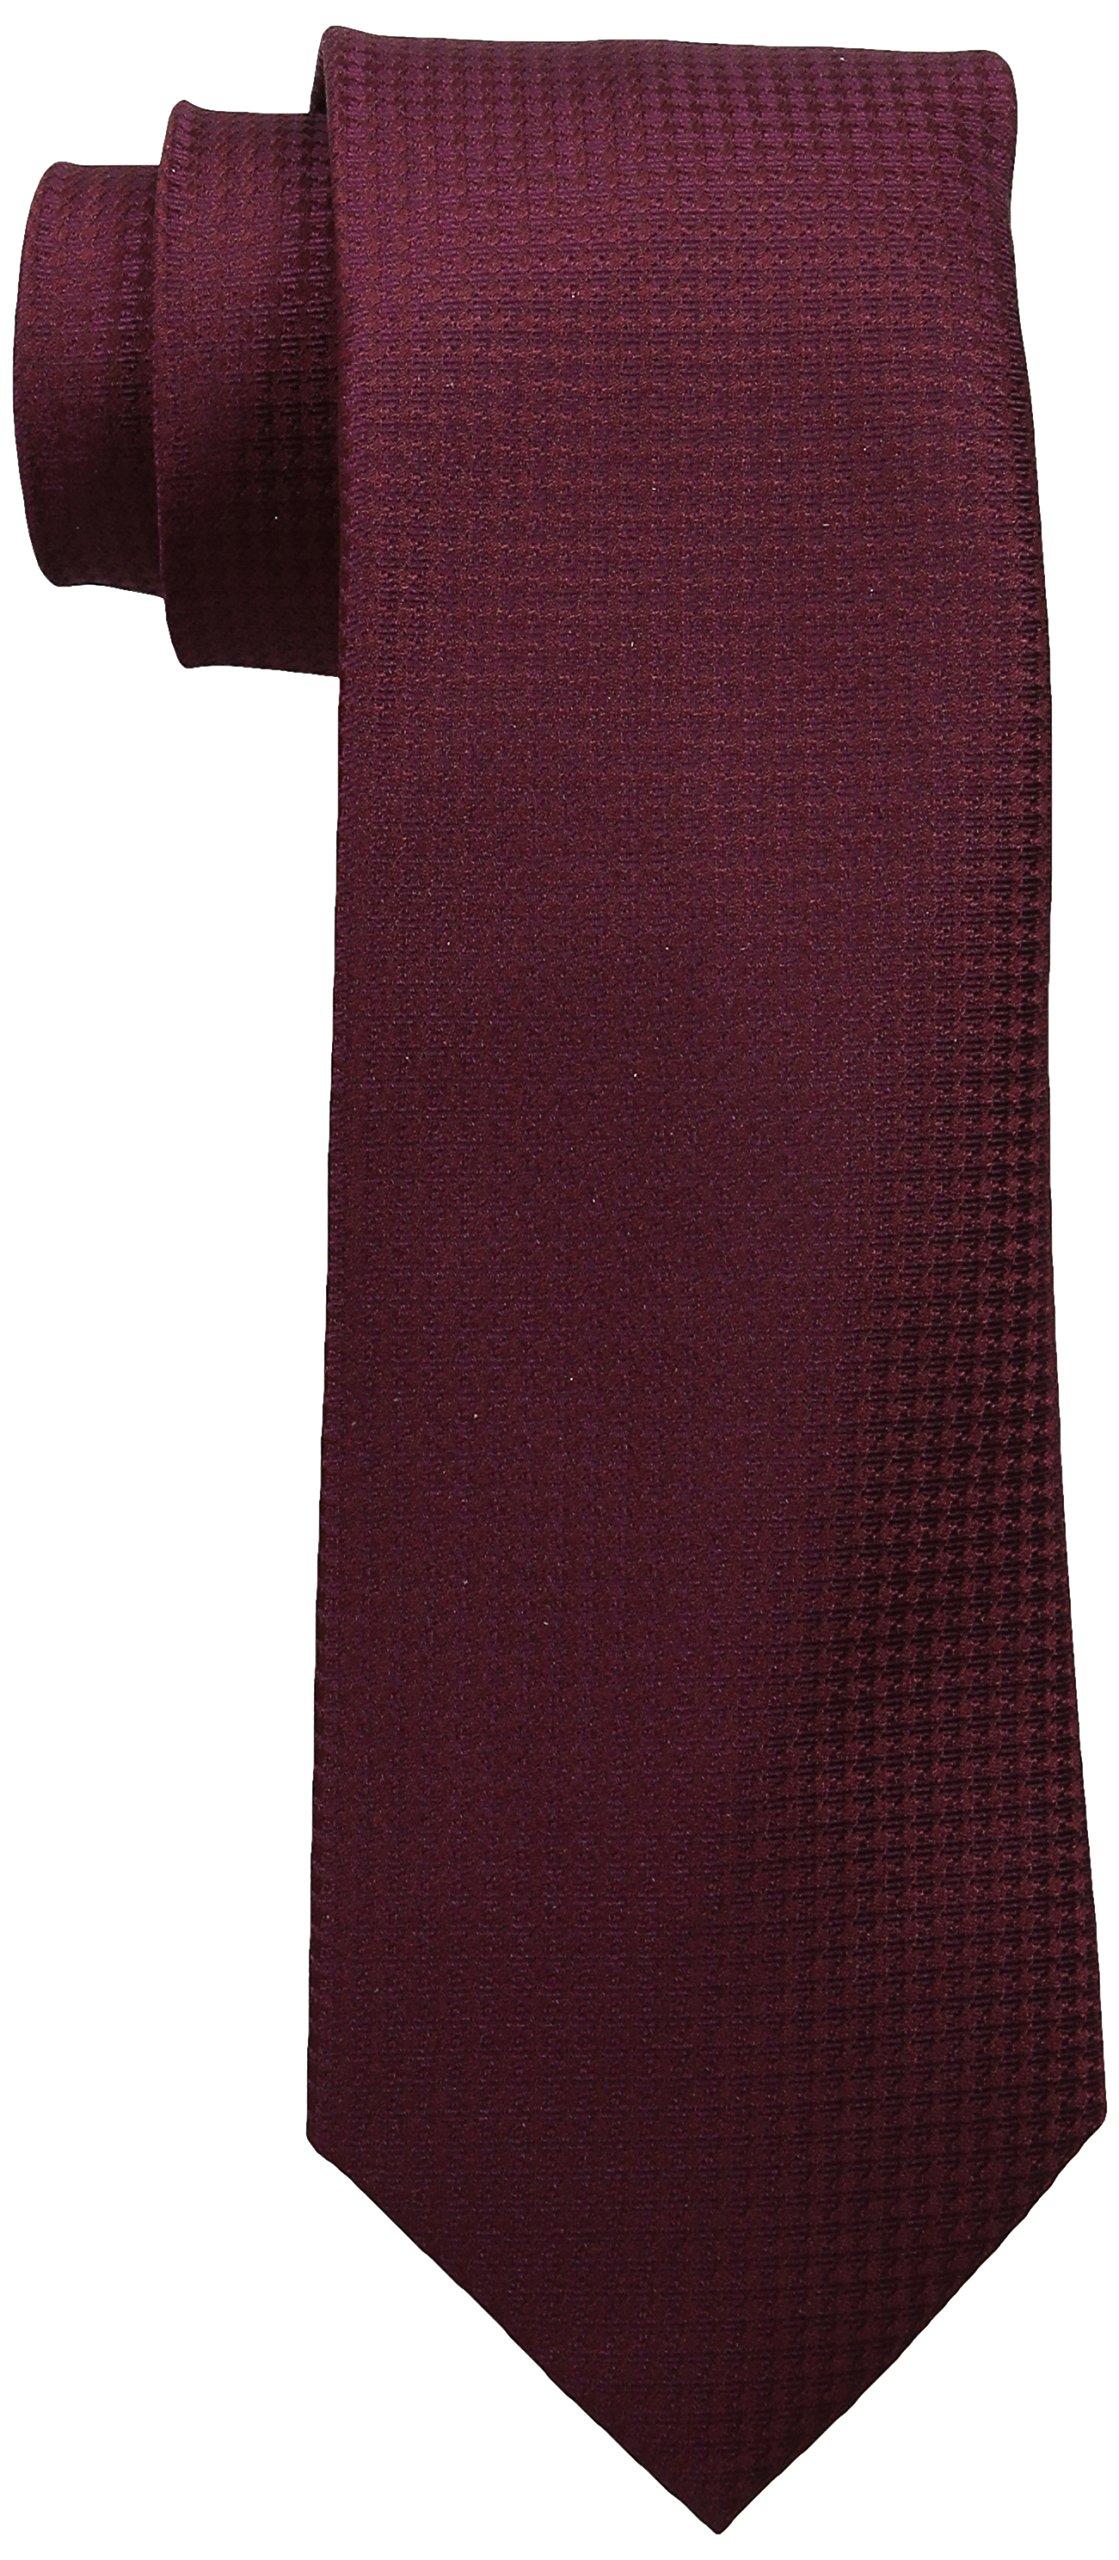 Calvin Klein Men's HC Modern Gingham Tie, Burgundy, One Size